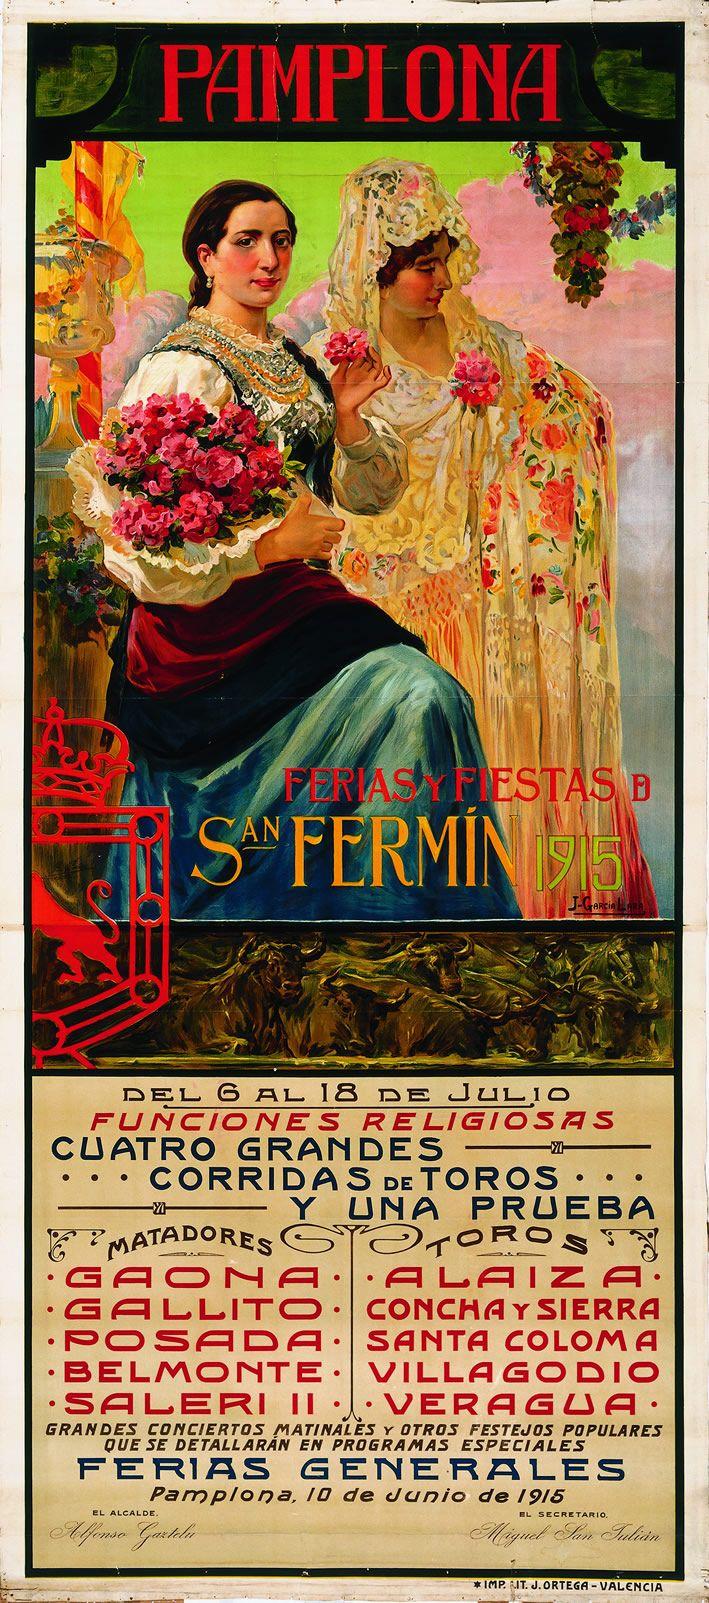 Cartel de los Sanfermines de 1915 - Ferias y fiestas de San Fermín, Pamplona :: Autor: Juan García de Lara.